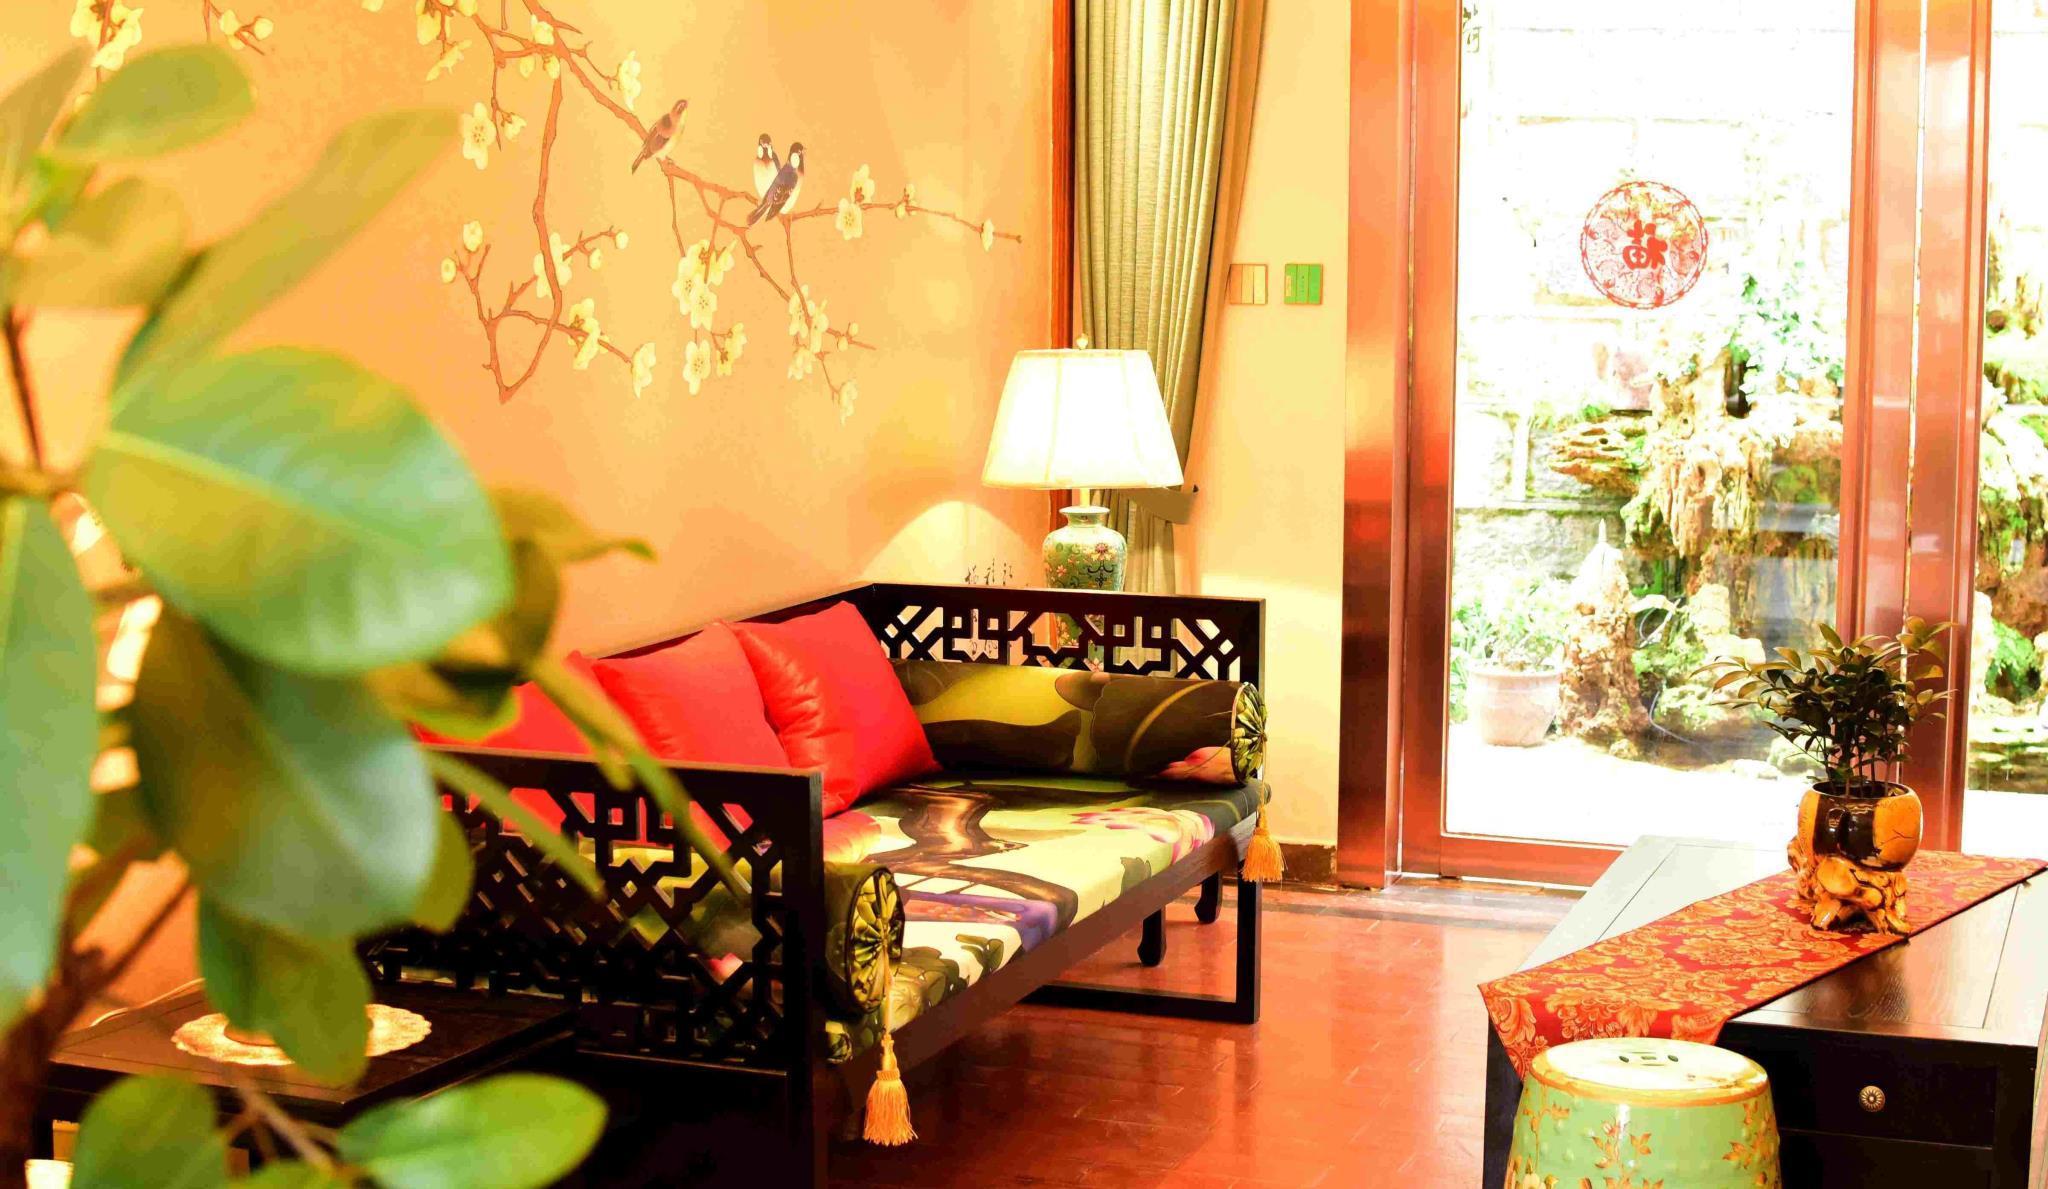 MEITING TINGYU House Studio Jiangmeiyin